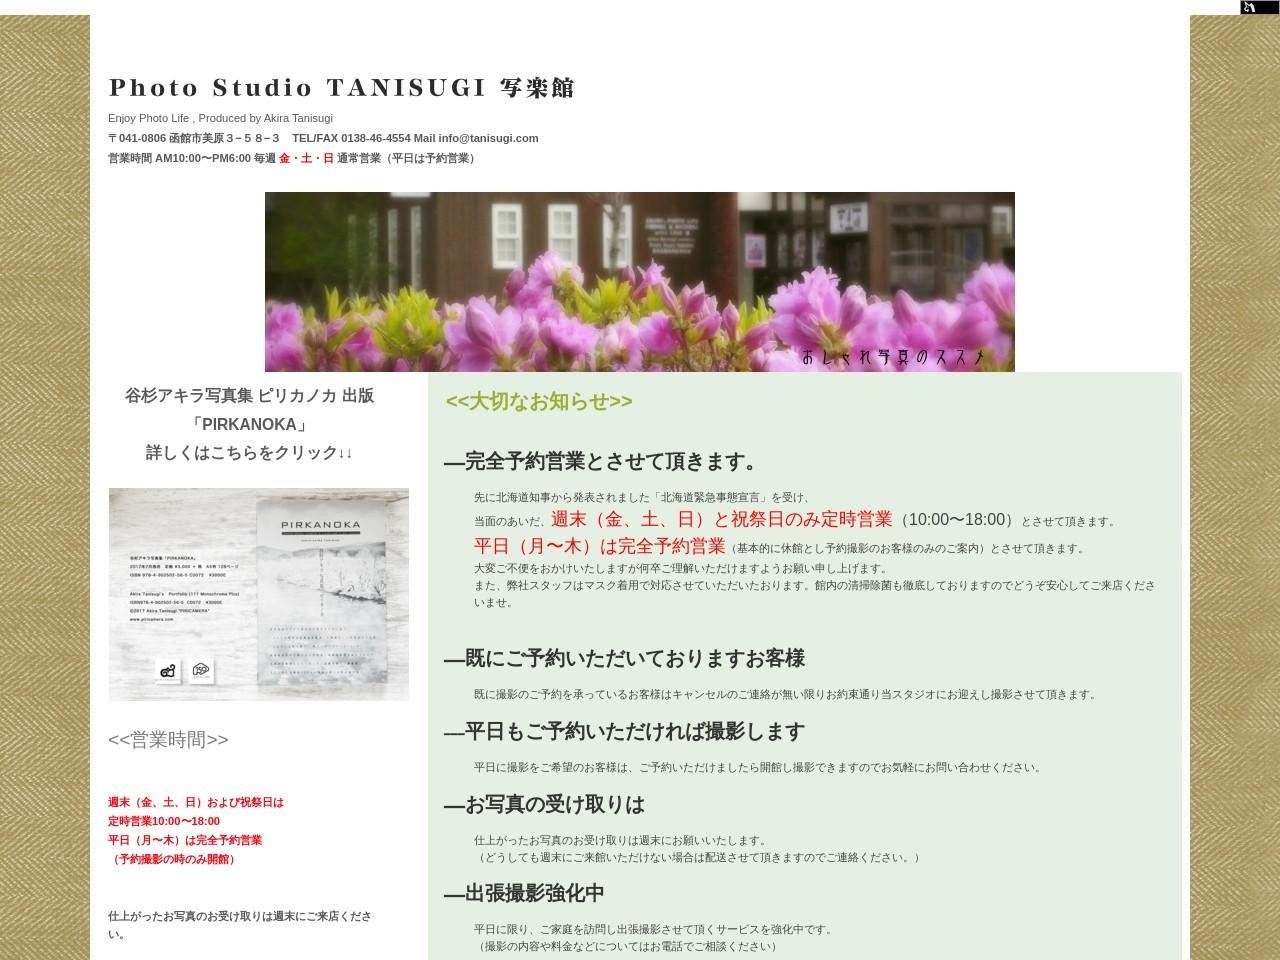 フォトスタジオタニスギ写楽館